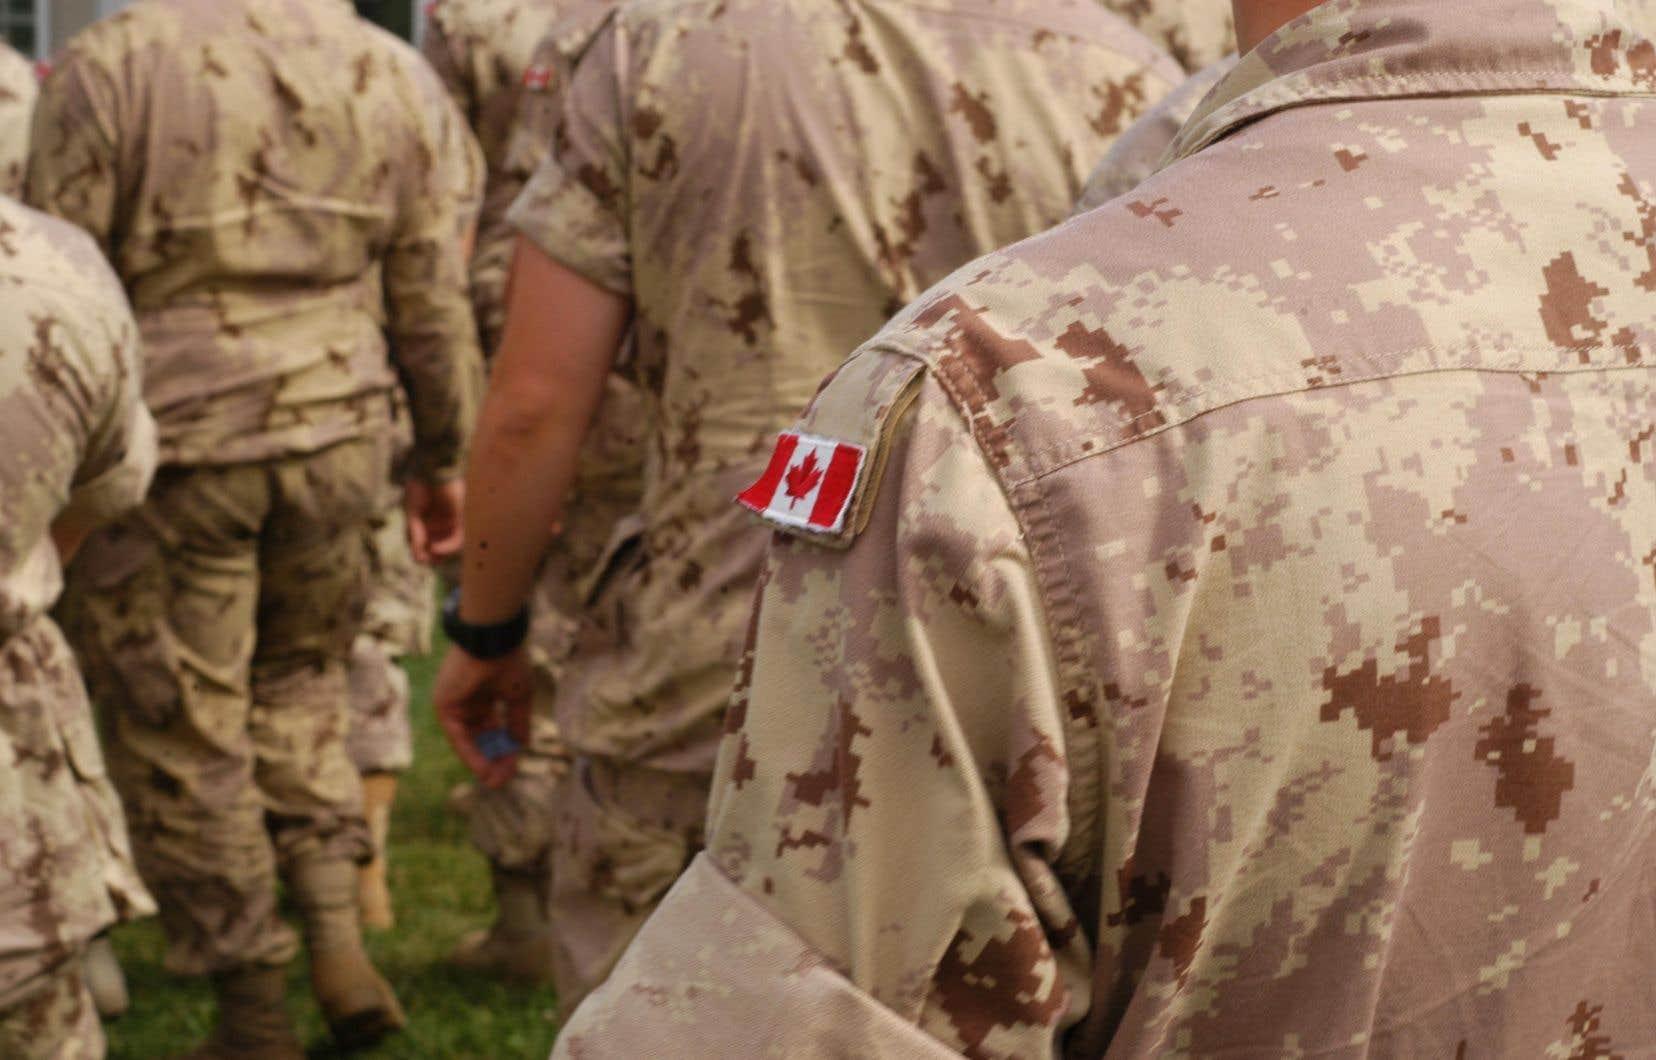 Le caporal-chef Patrik Mathews, membre de la réserve à Winnipeg,aurait participé aux activités d'un groupe haineux.Aucune accusation militaire n'a été portée.